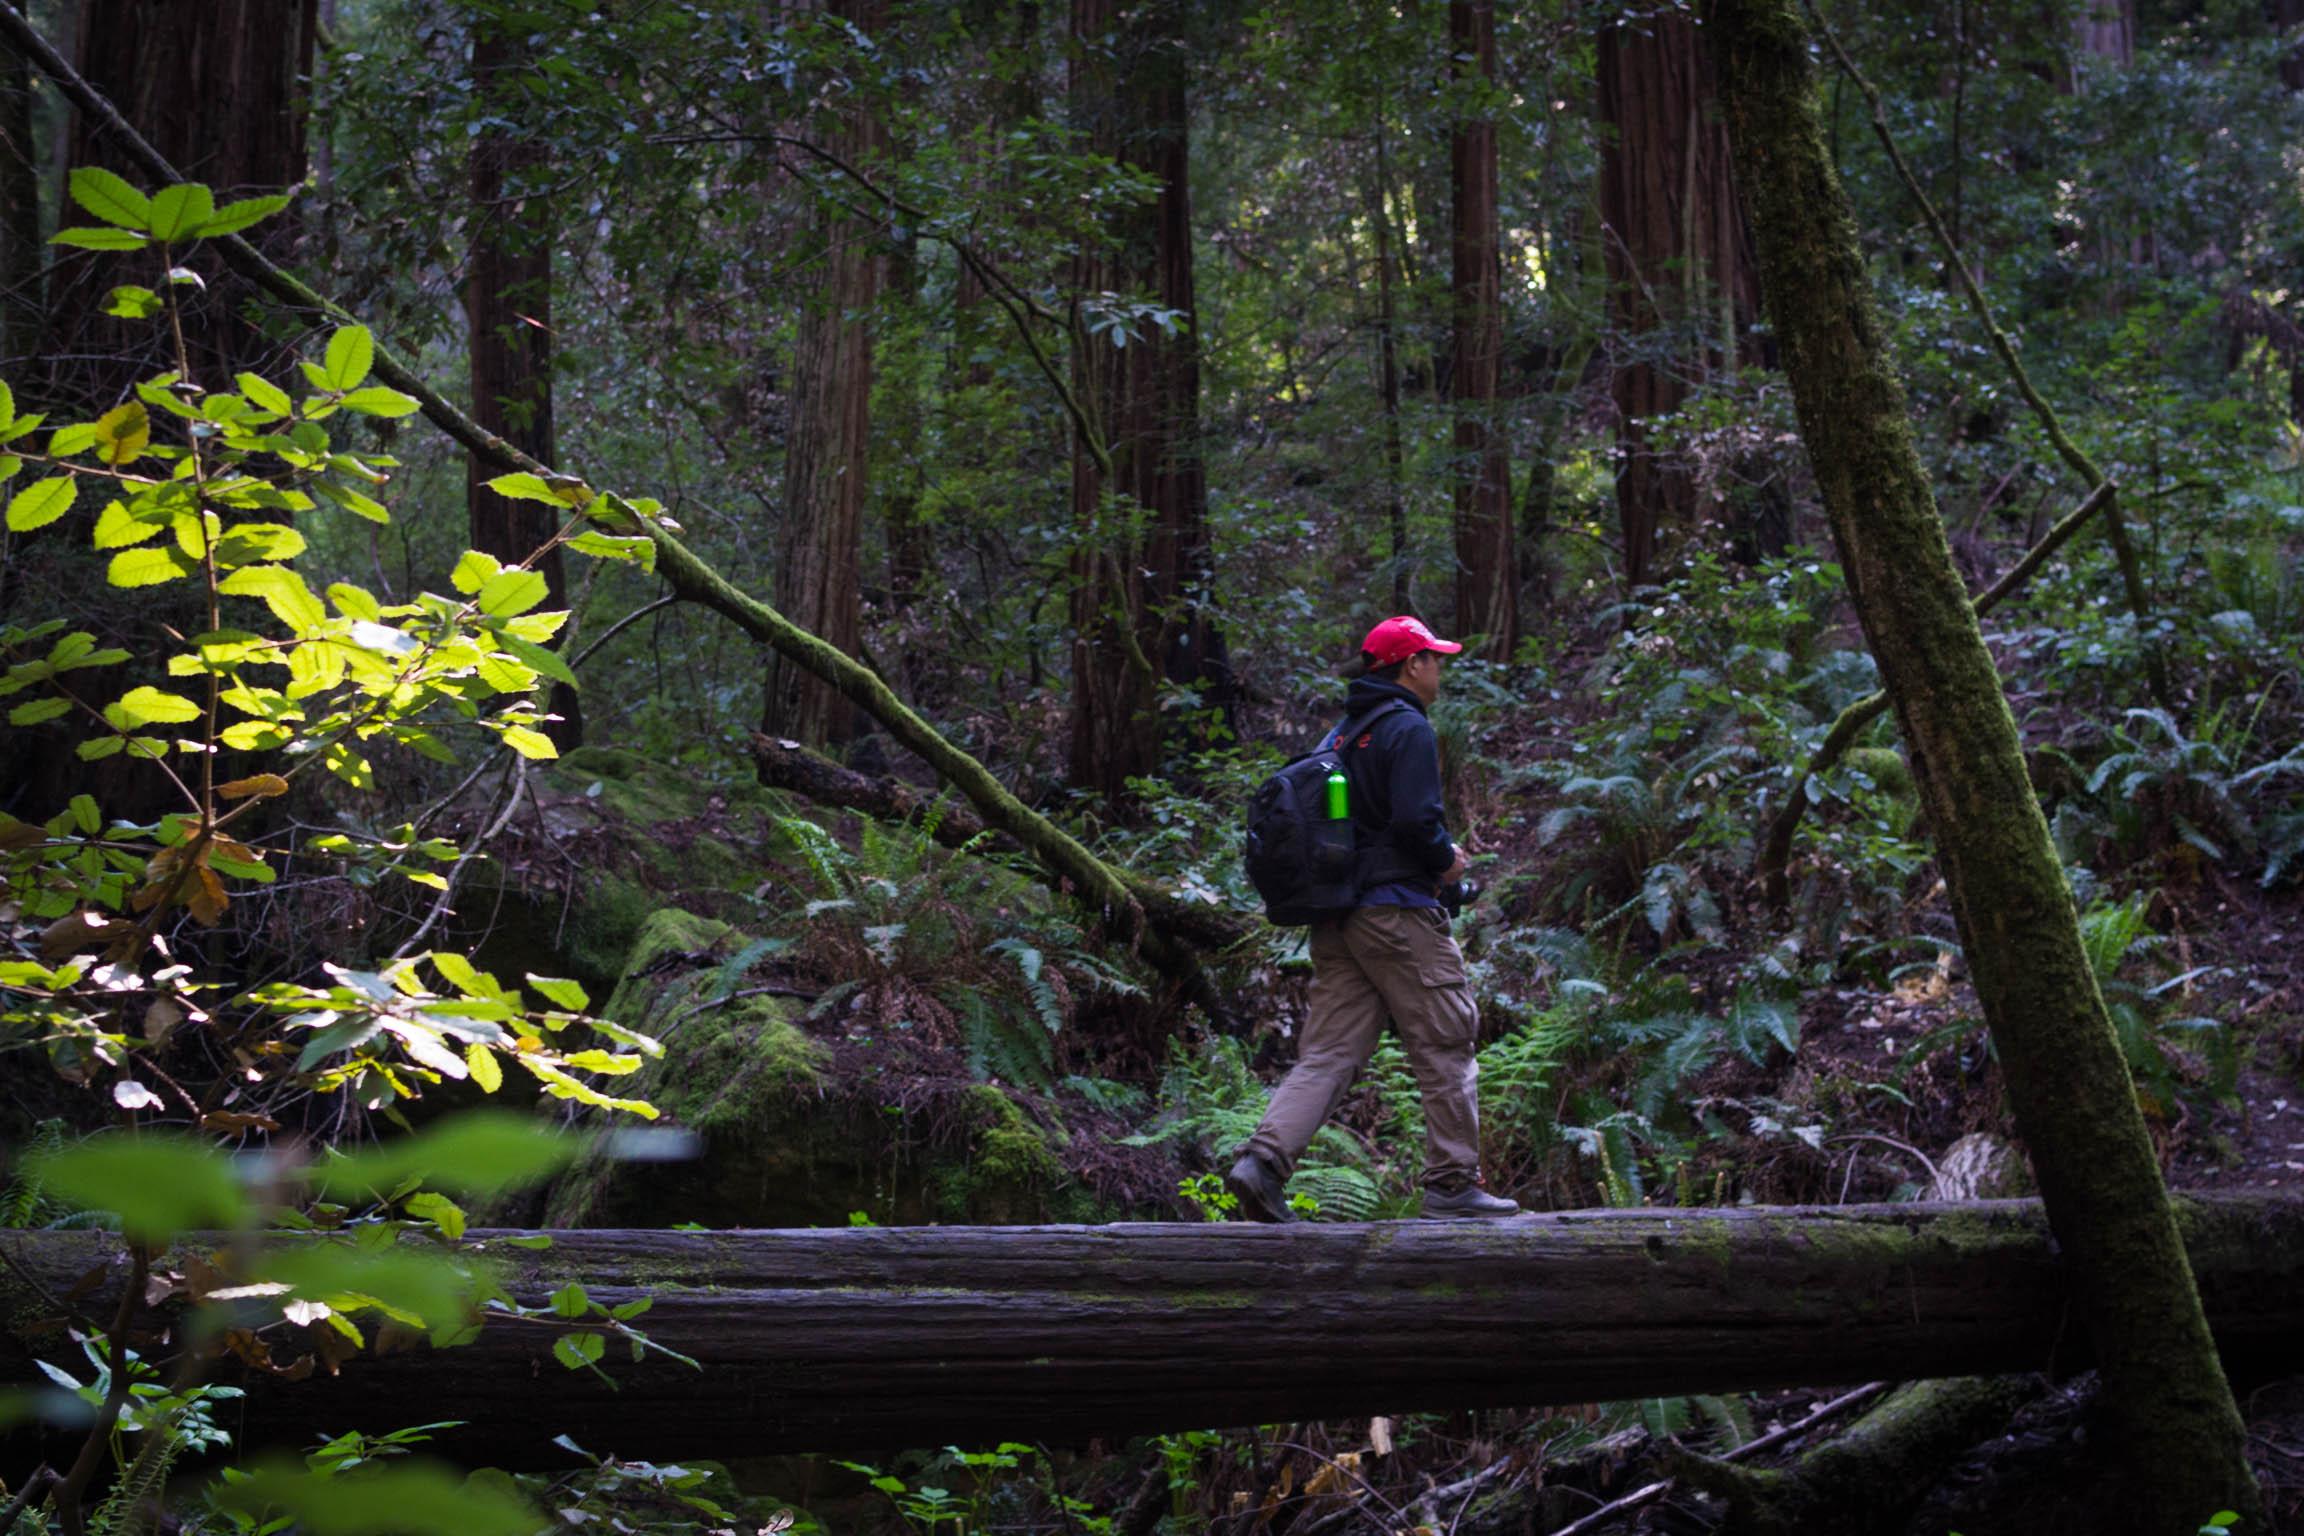 On retrouve des sentiers plus forestiers